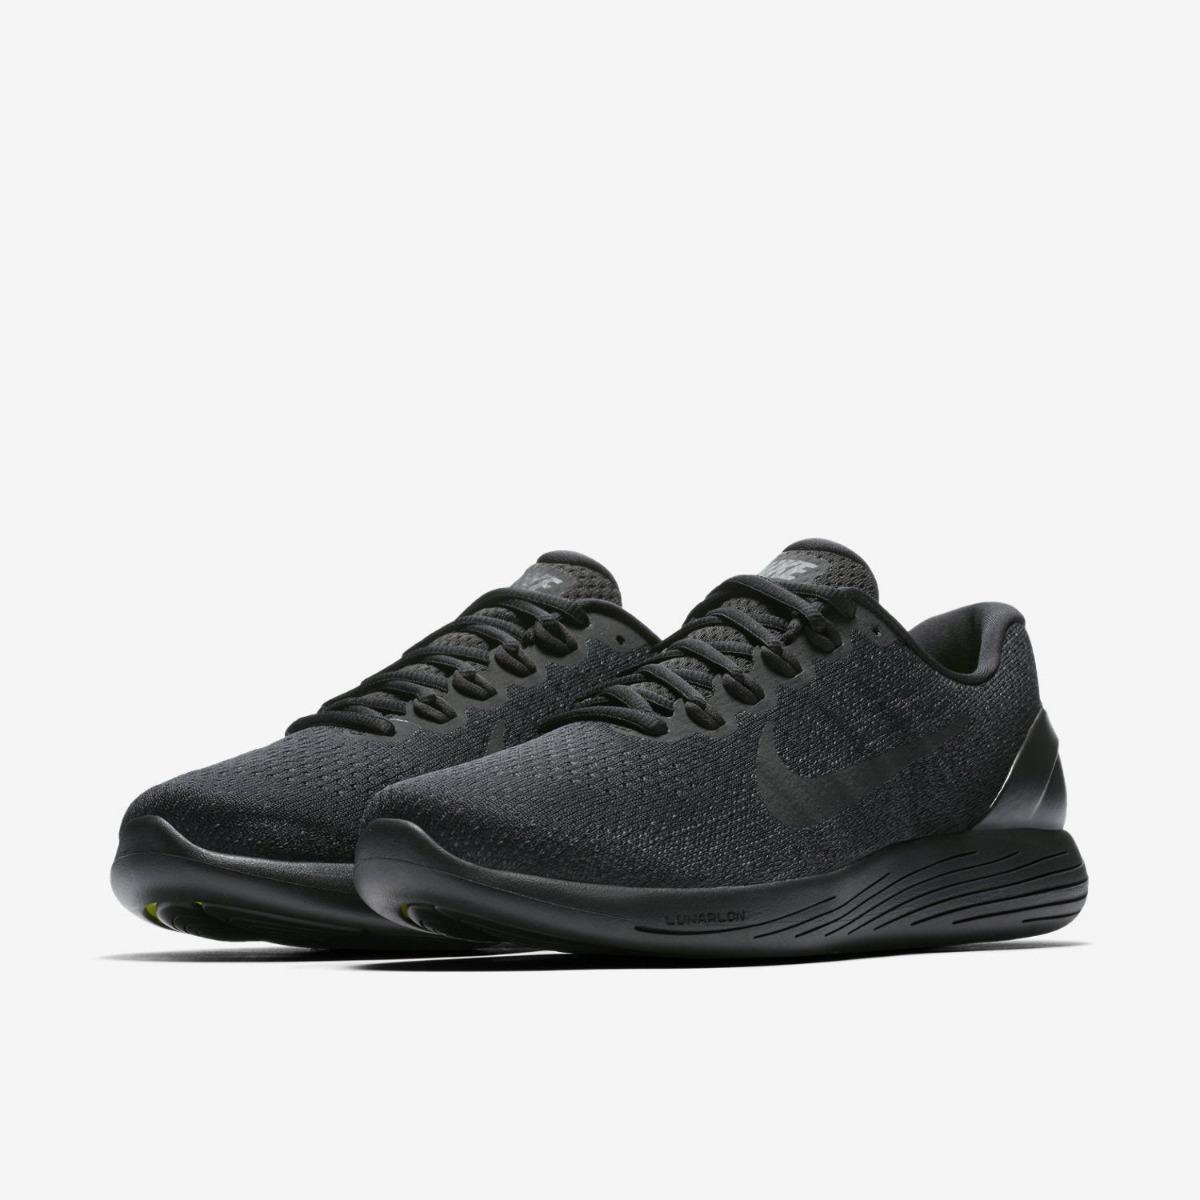 new photos 1a3b2 ebf96 Zapatillas Nike Lunarglide 9 - $ 49.990 en Mercado Libre